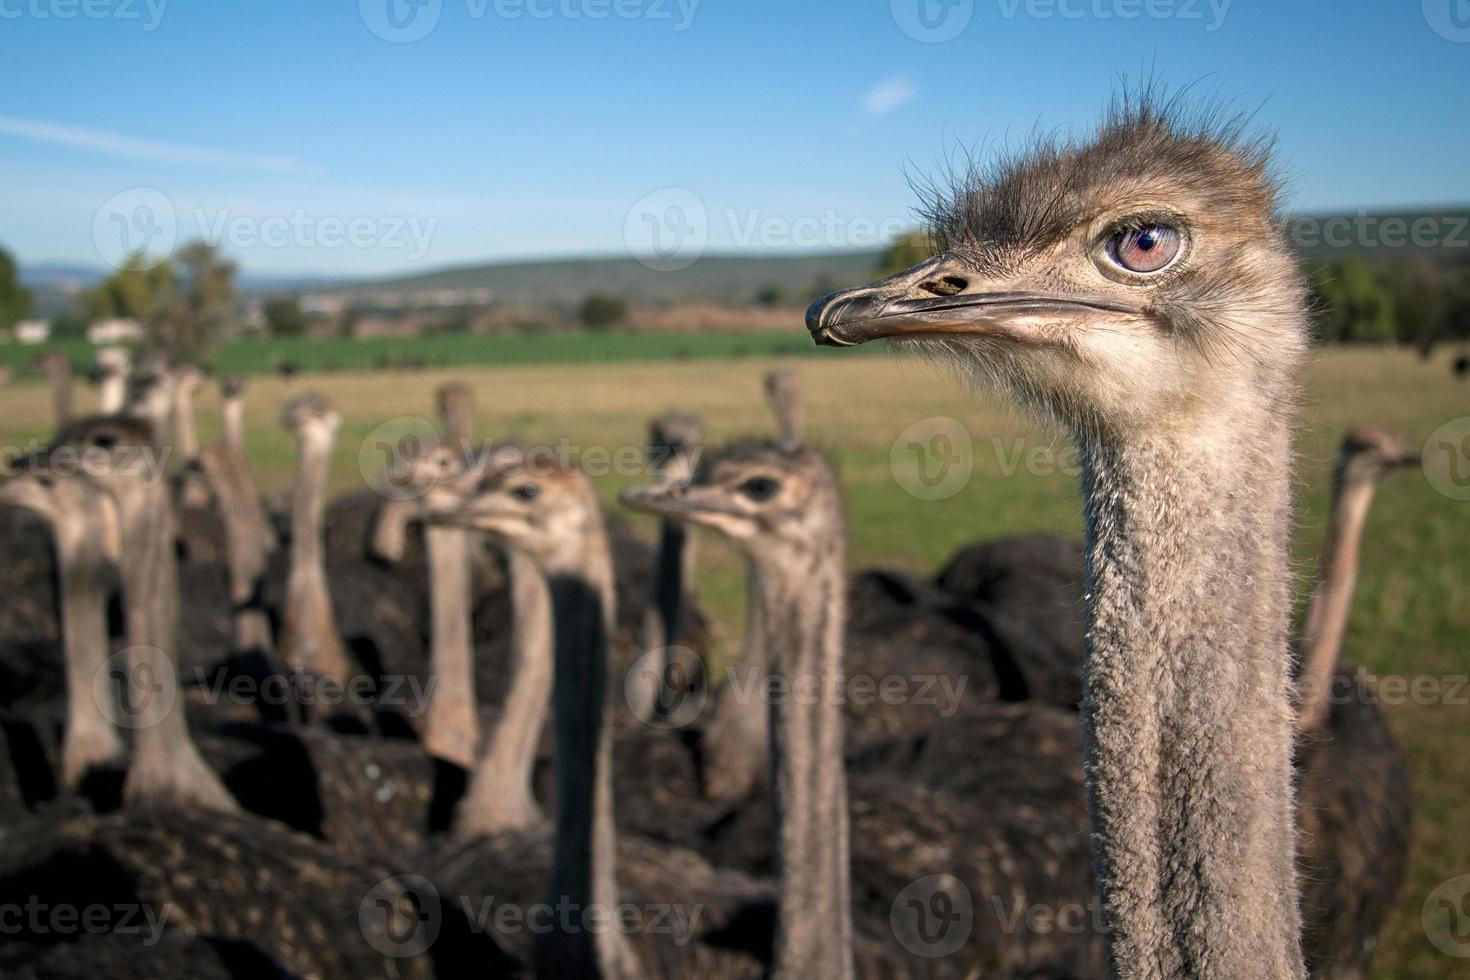 cabeza de avestruz foto